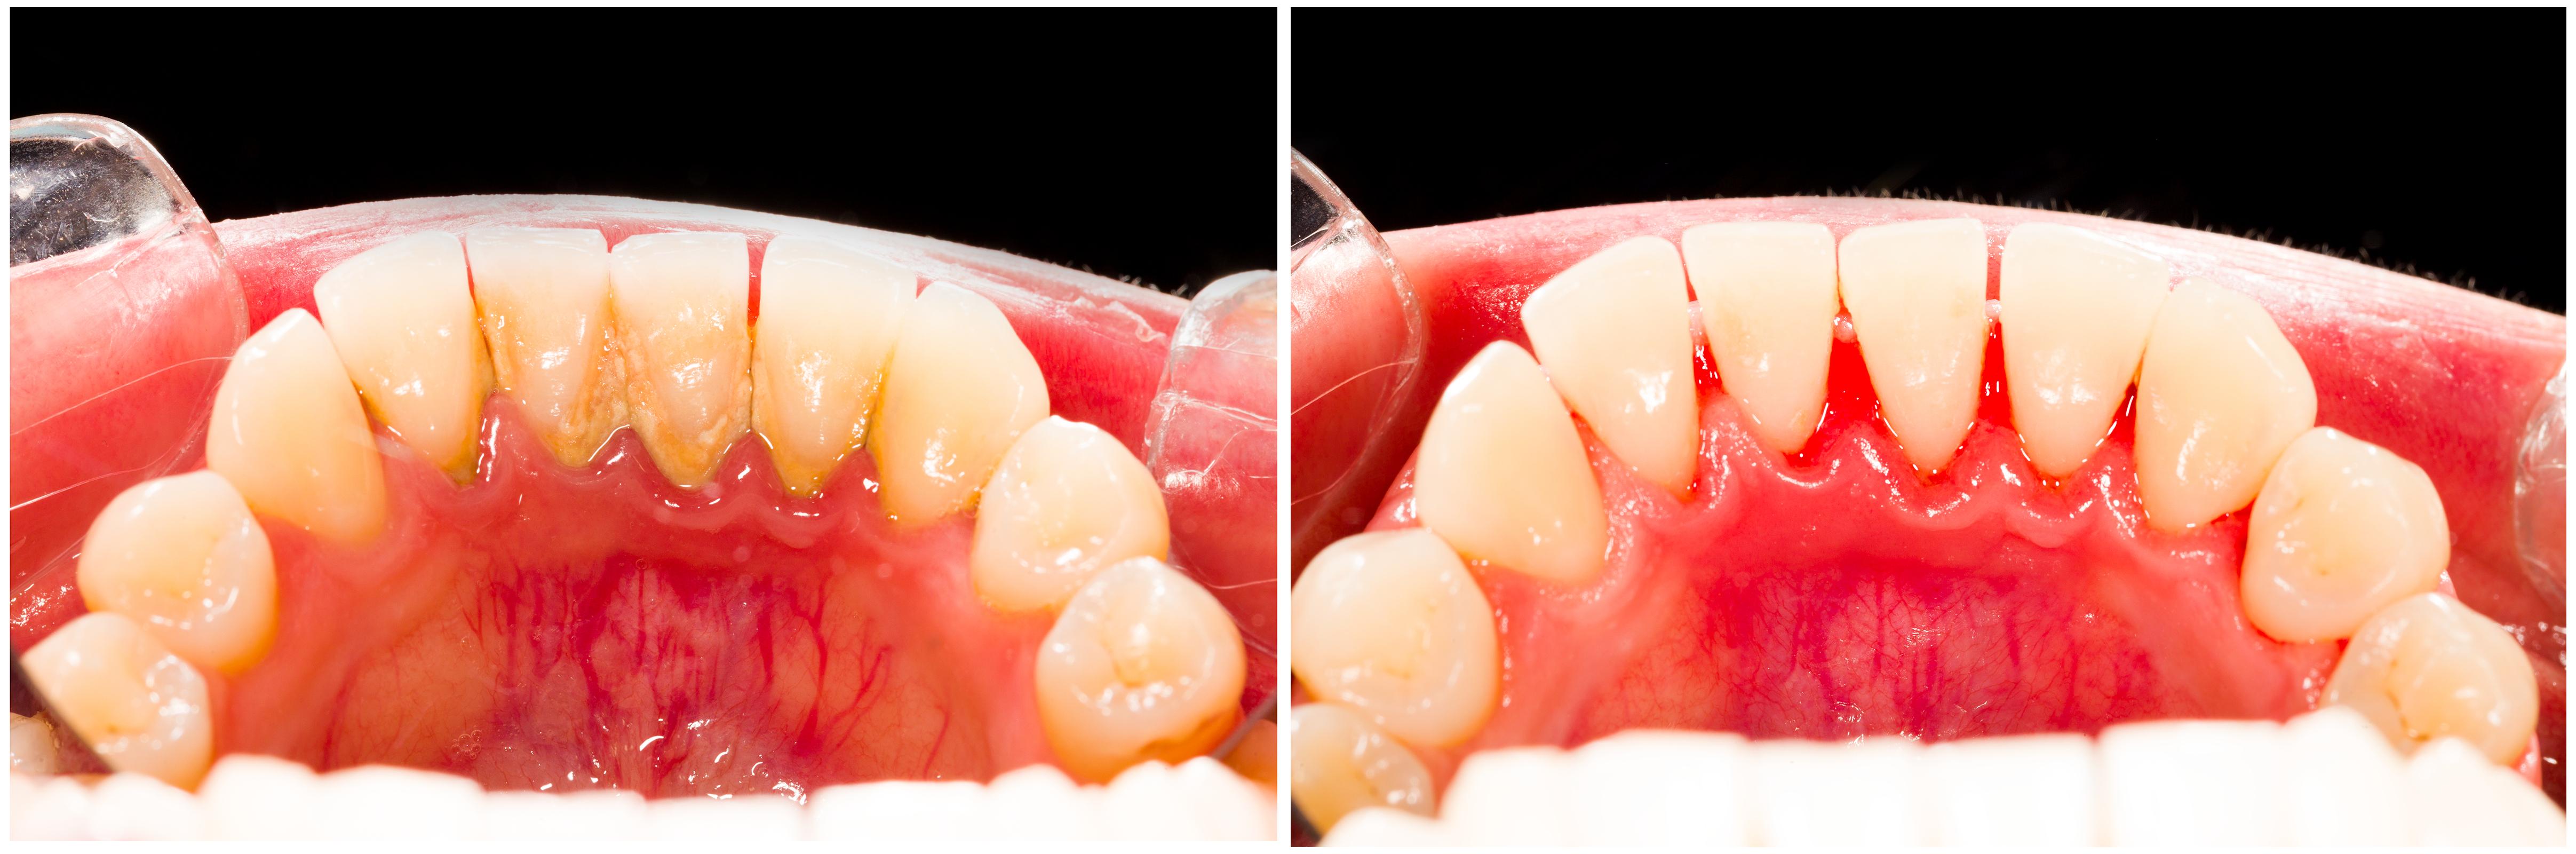 Peterborough periodontist dr annabel braganza 705 741 1885 - Comment enlever le tartre ...